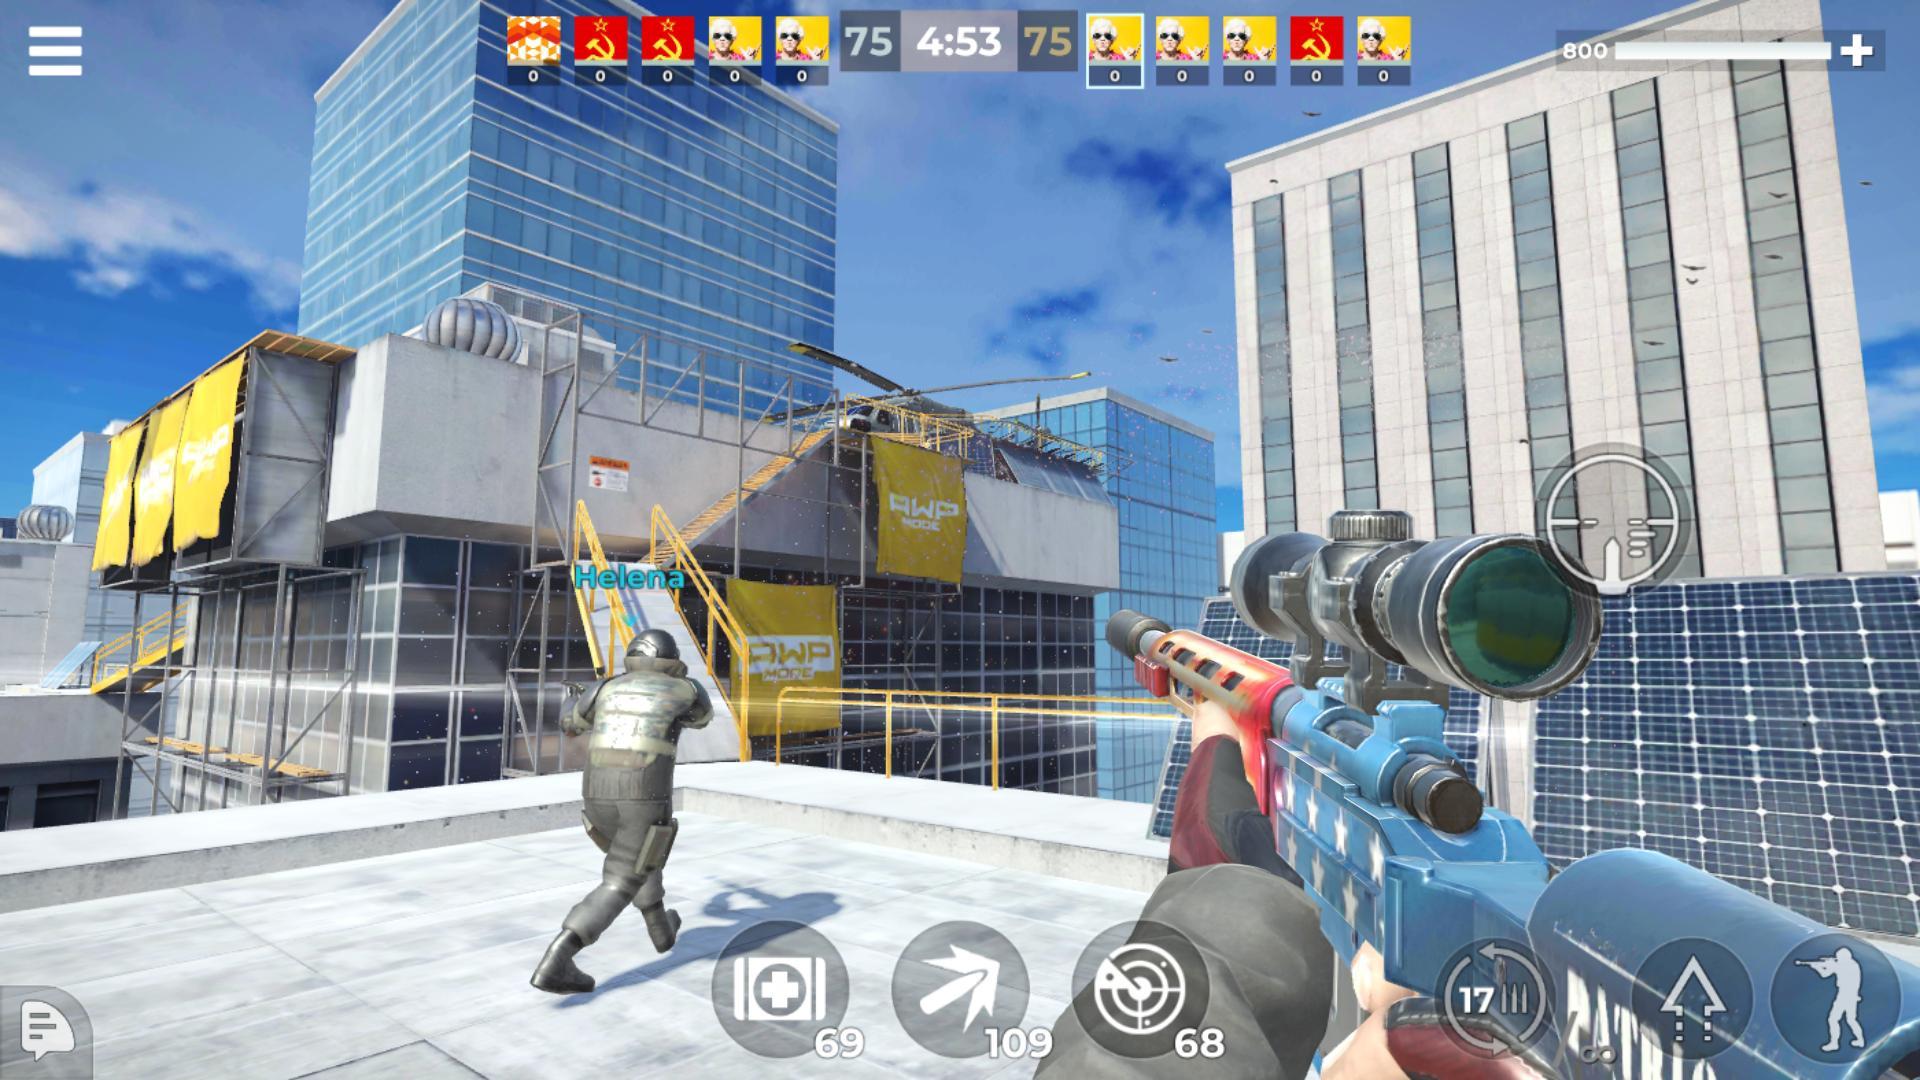 《AWP 模式》:精英级在线 3D 狙击动作游戏 游戏截图1